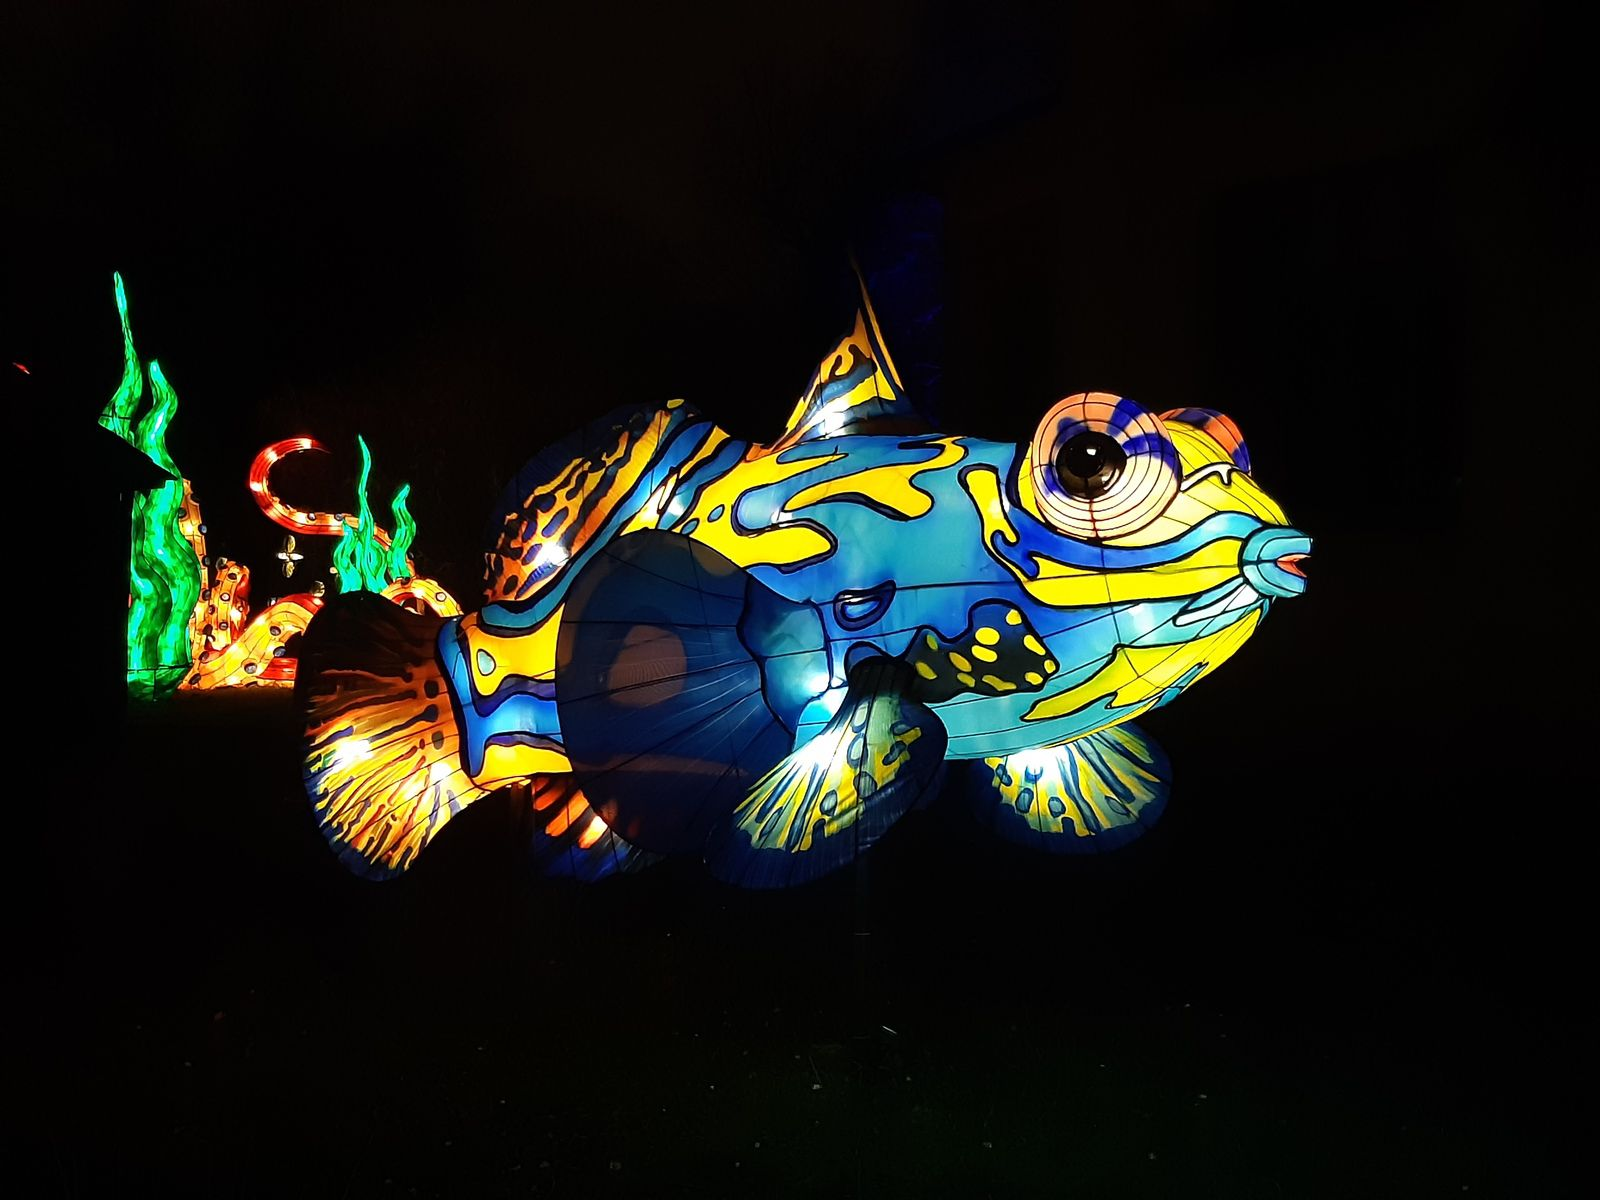 En voie d'illumination saison 2 : Océan jusqu'au 19 janvier 2020